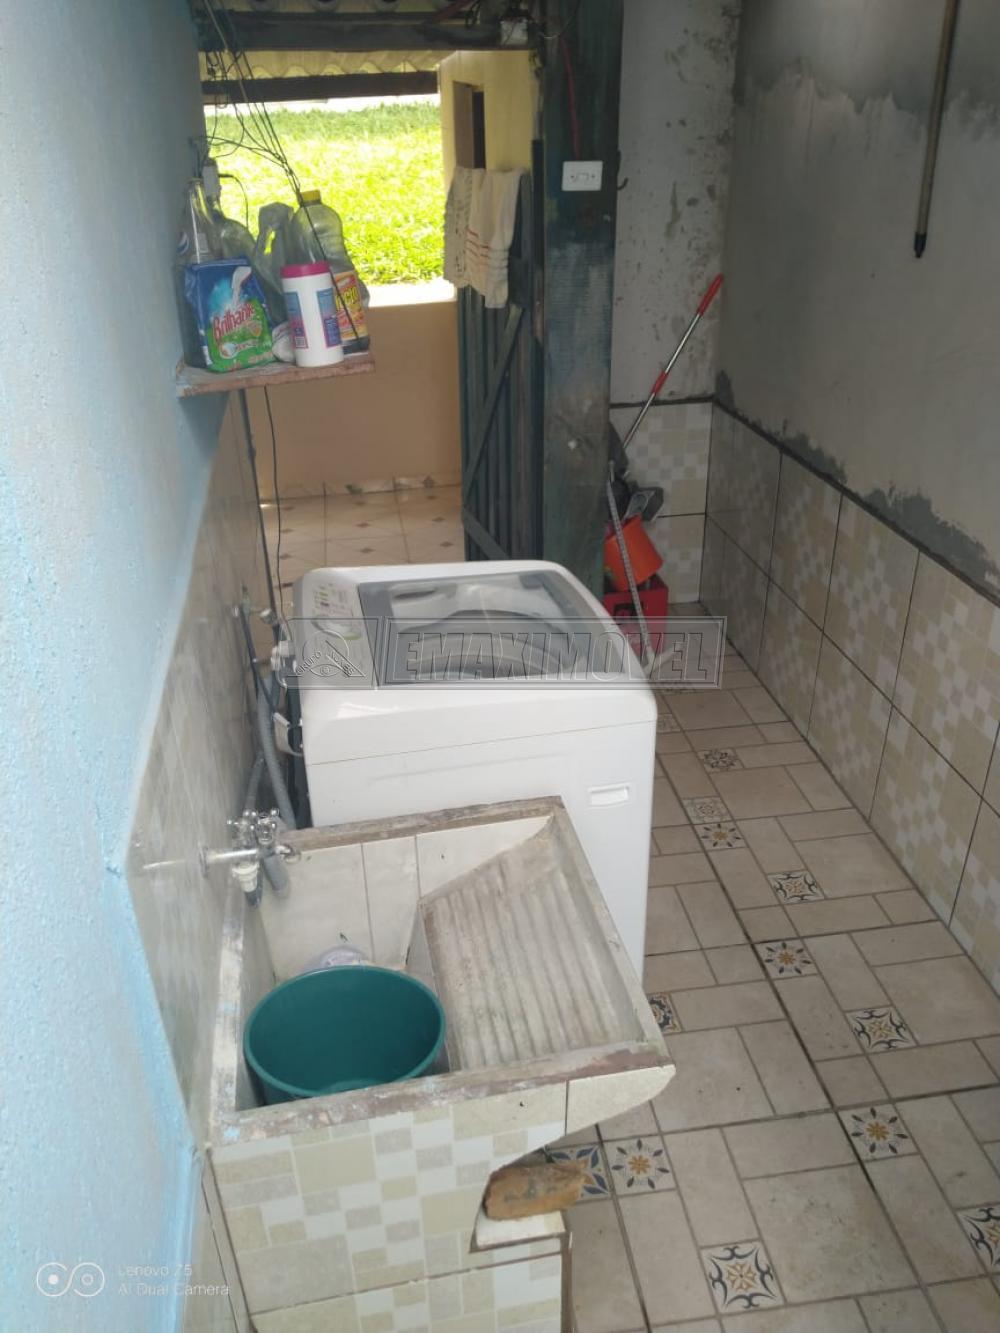 Comprar Casas / em Bairros em Iperó apenas R$ 350.000,00 - Foto 17